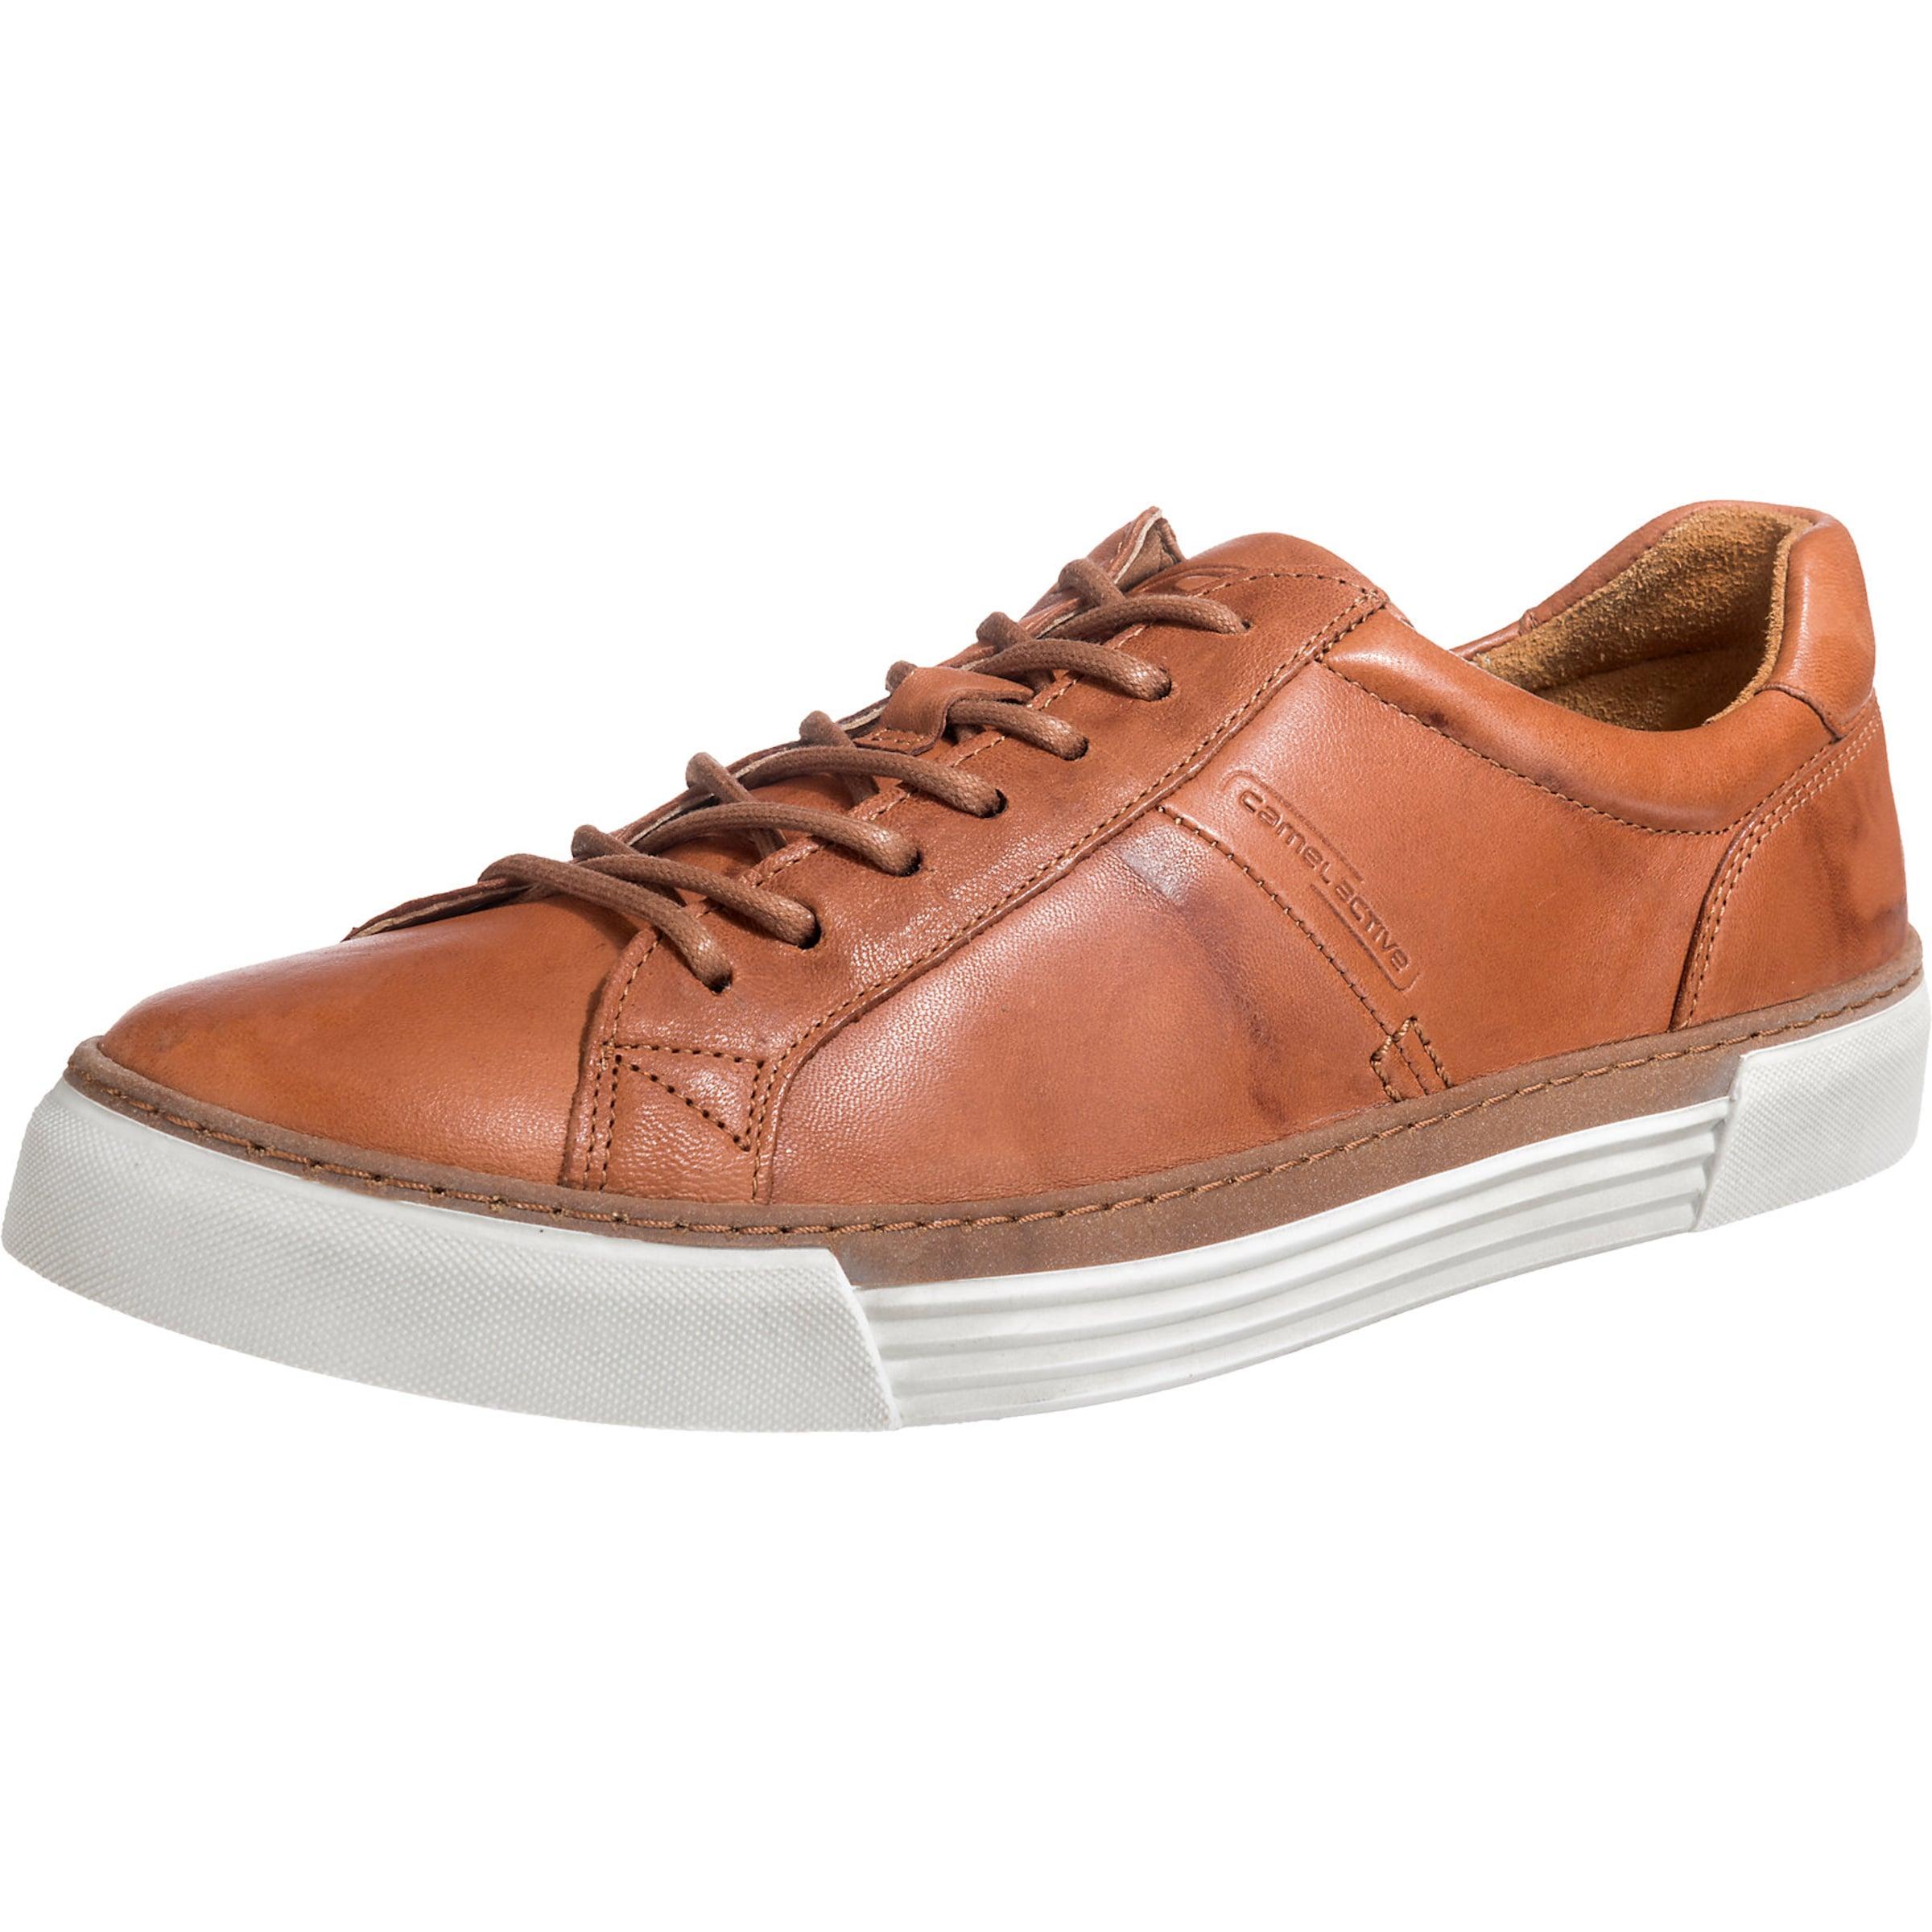 CAMEL ACTIVE Racket 17 Sneakers Low